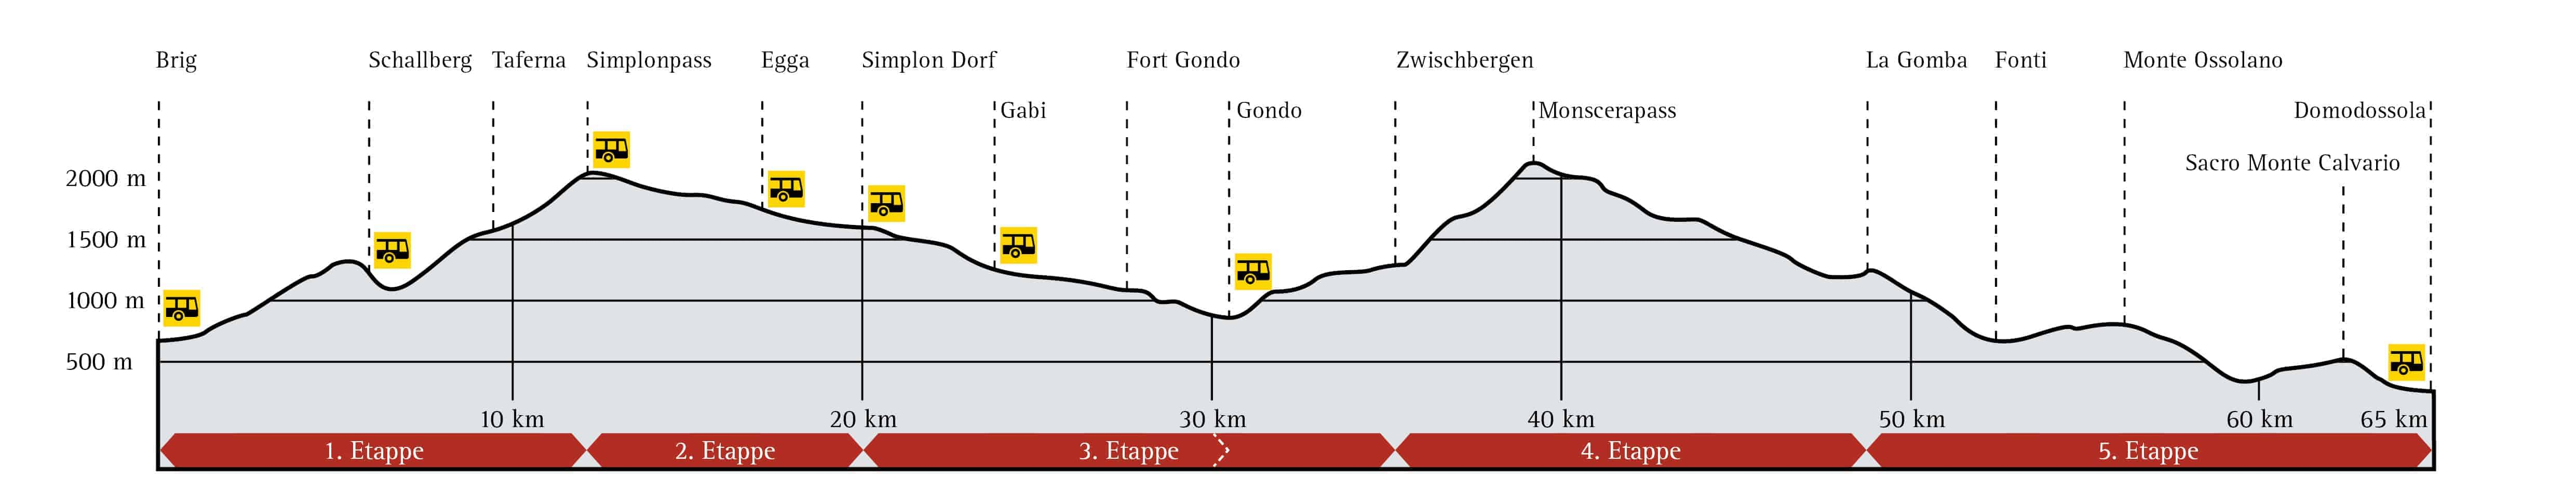 Höhenprofil Stockalperweg Brig Domodossola